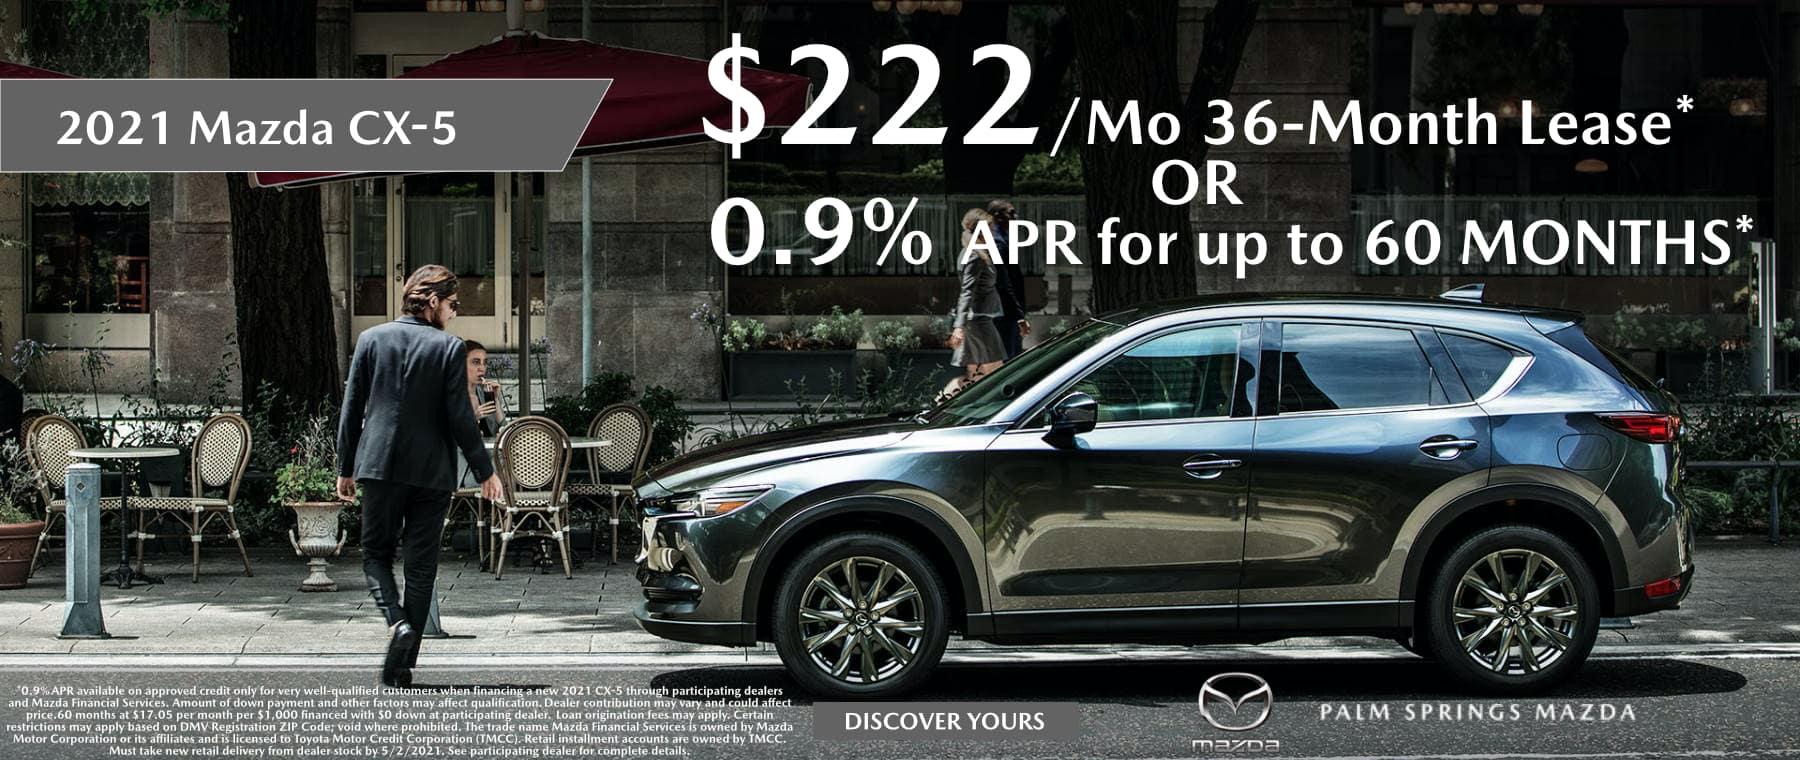 April_2021 Mazda CX-5